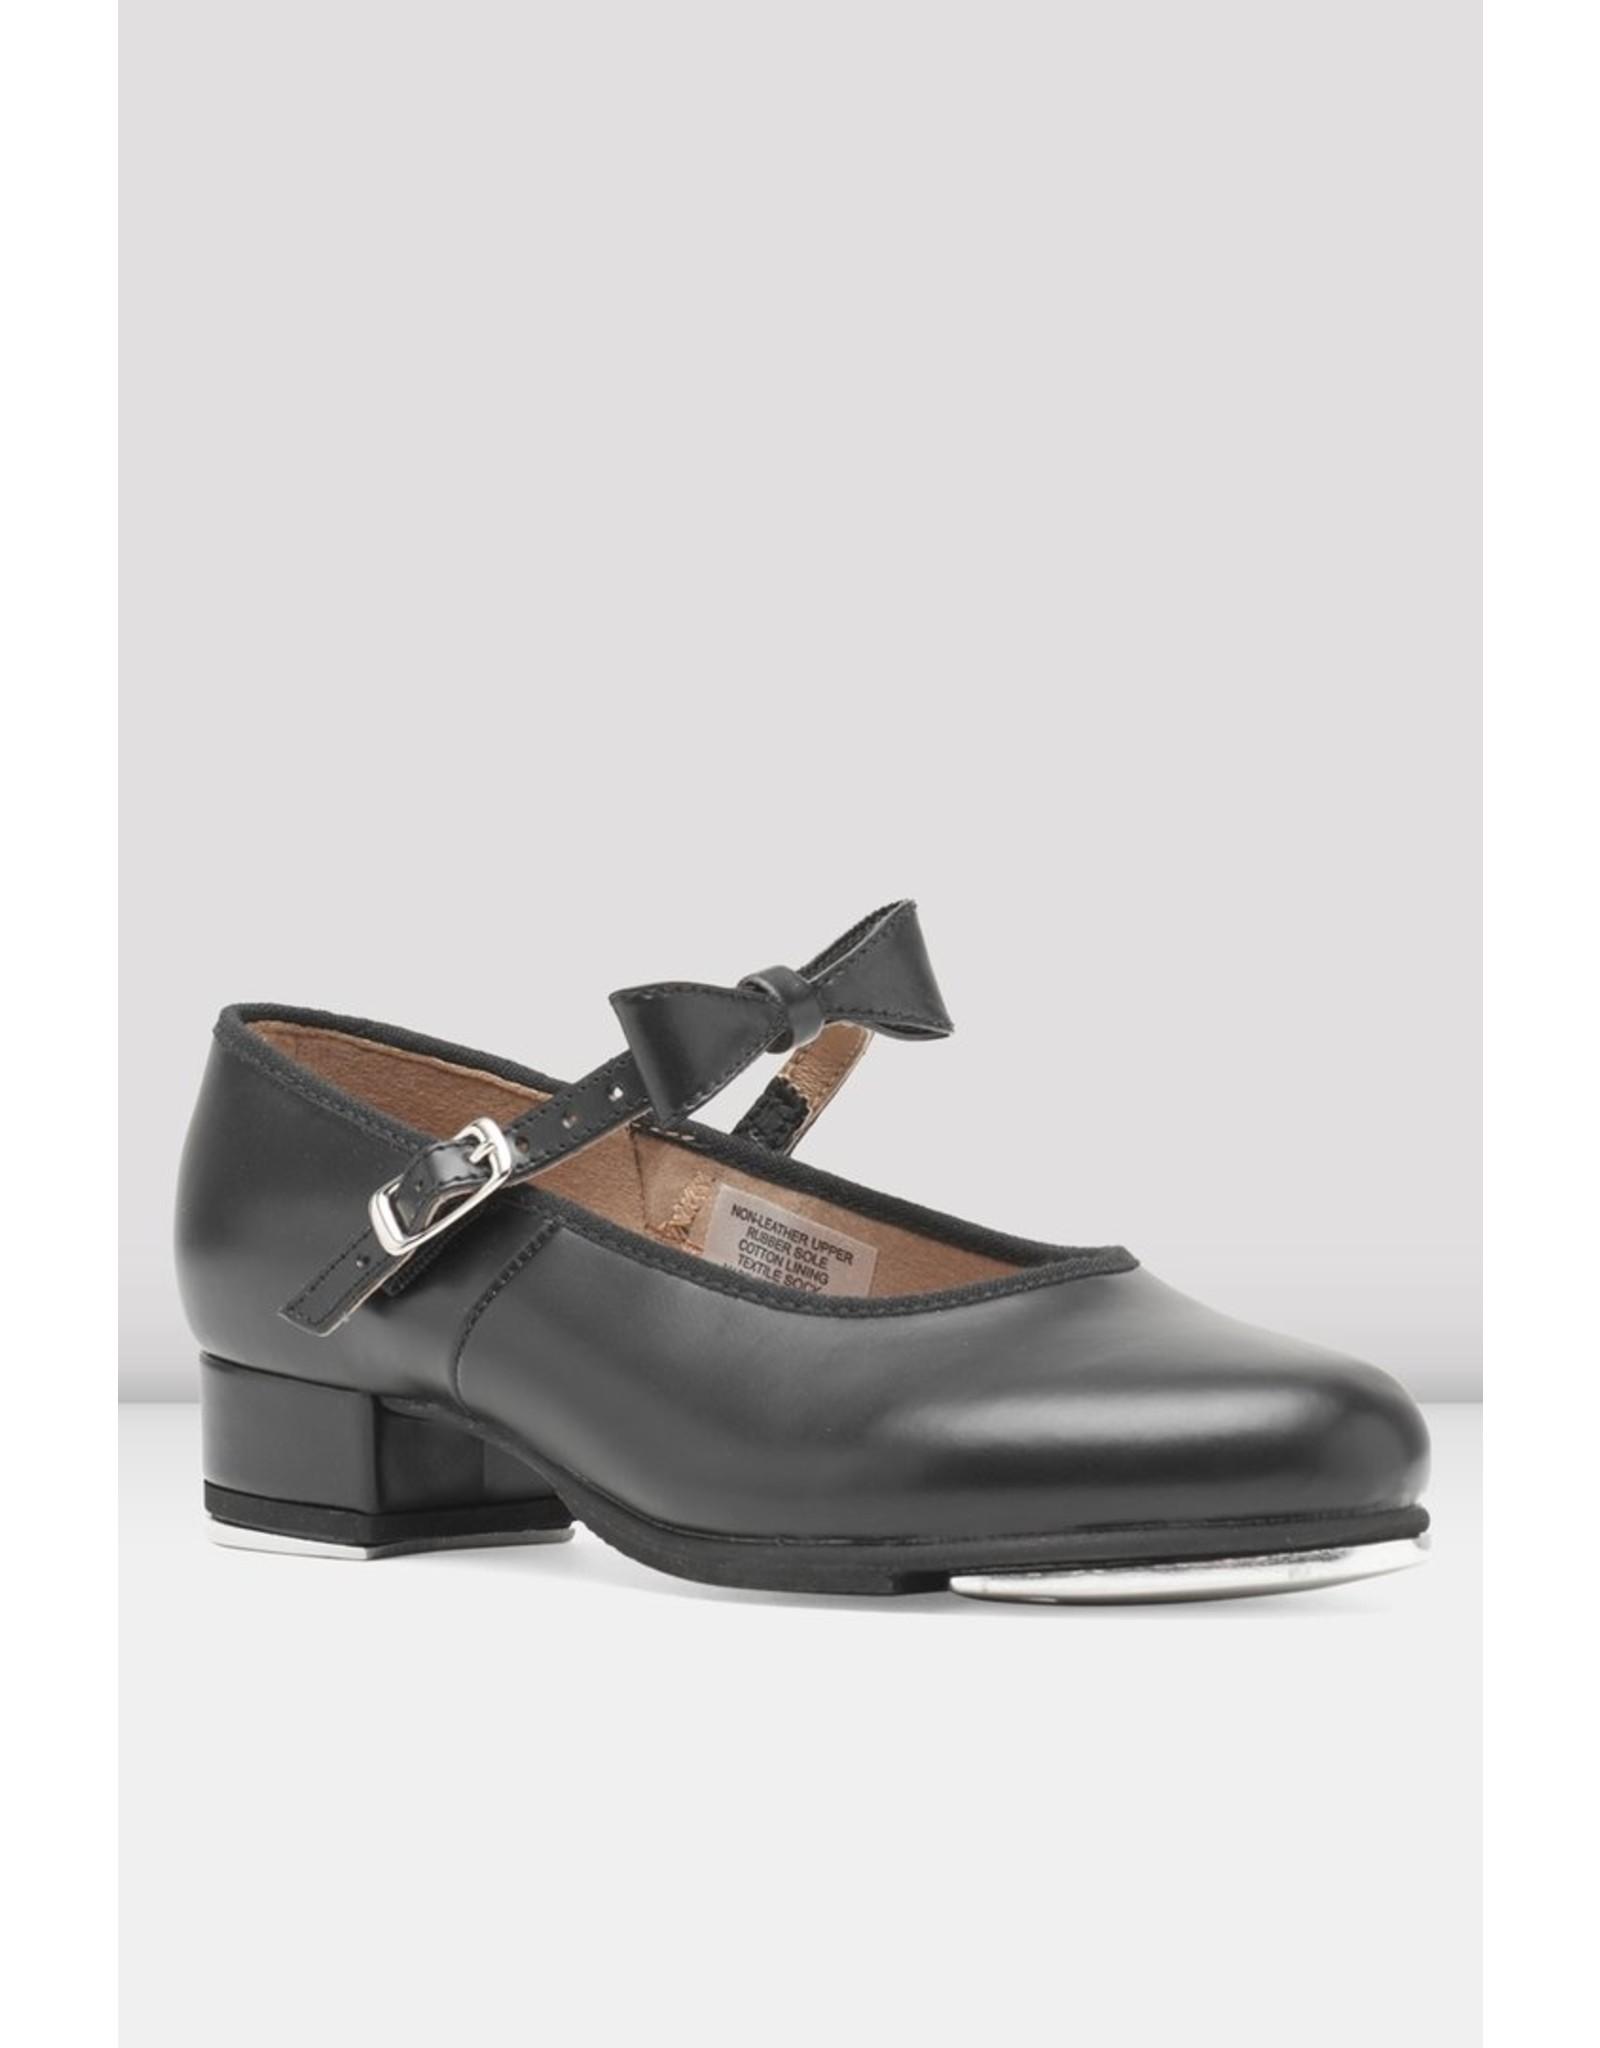 Bloch S0352L Merry Jane Tap Shoe BLACK